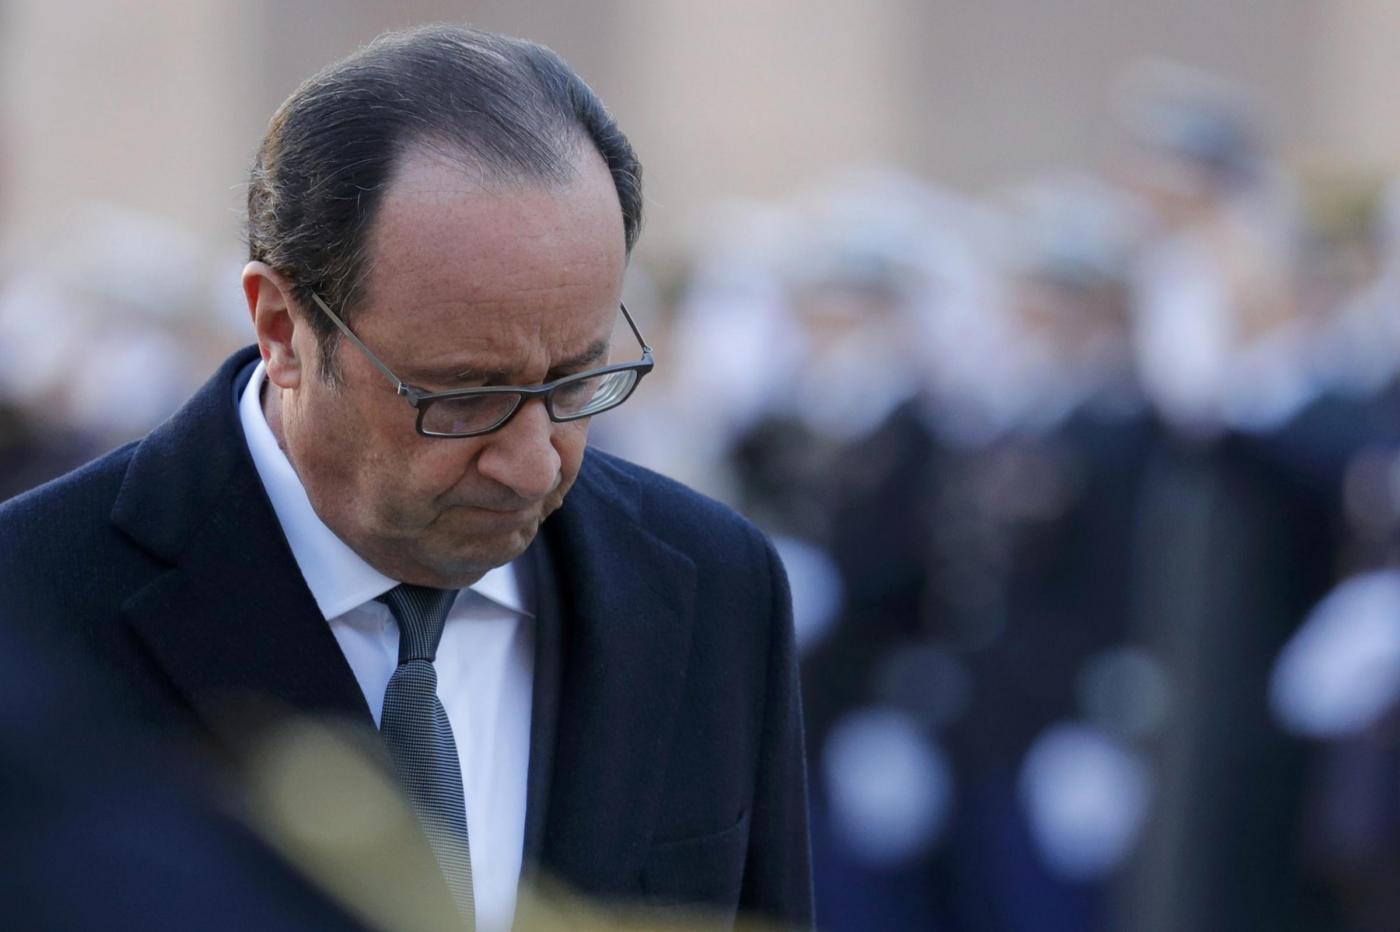 Francia, Hollande non si ricandida: i momenti più difficili del presidente più impopolare di sempre